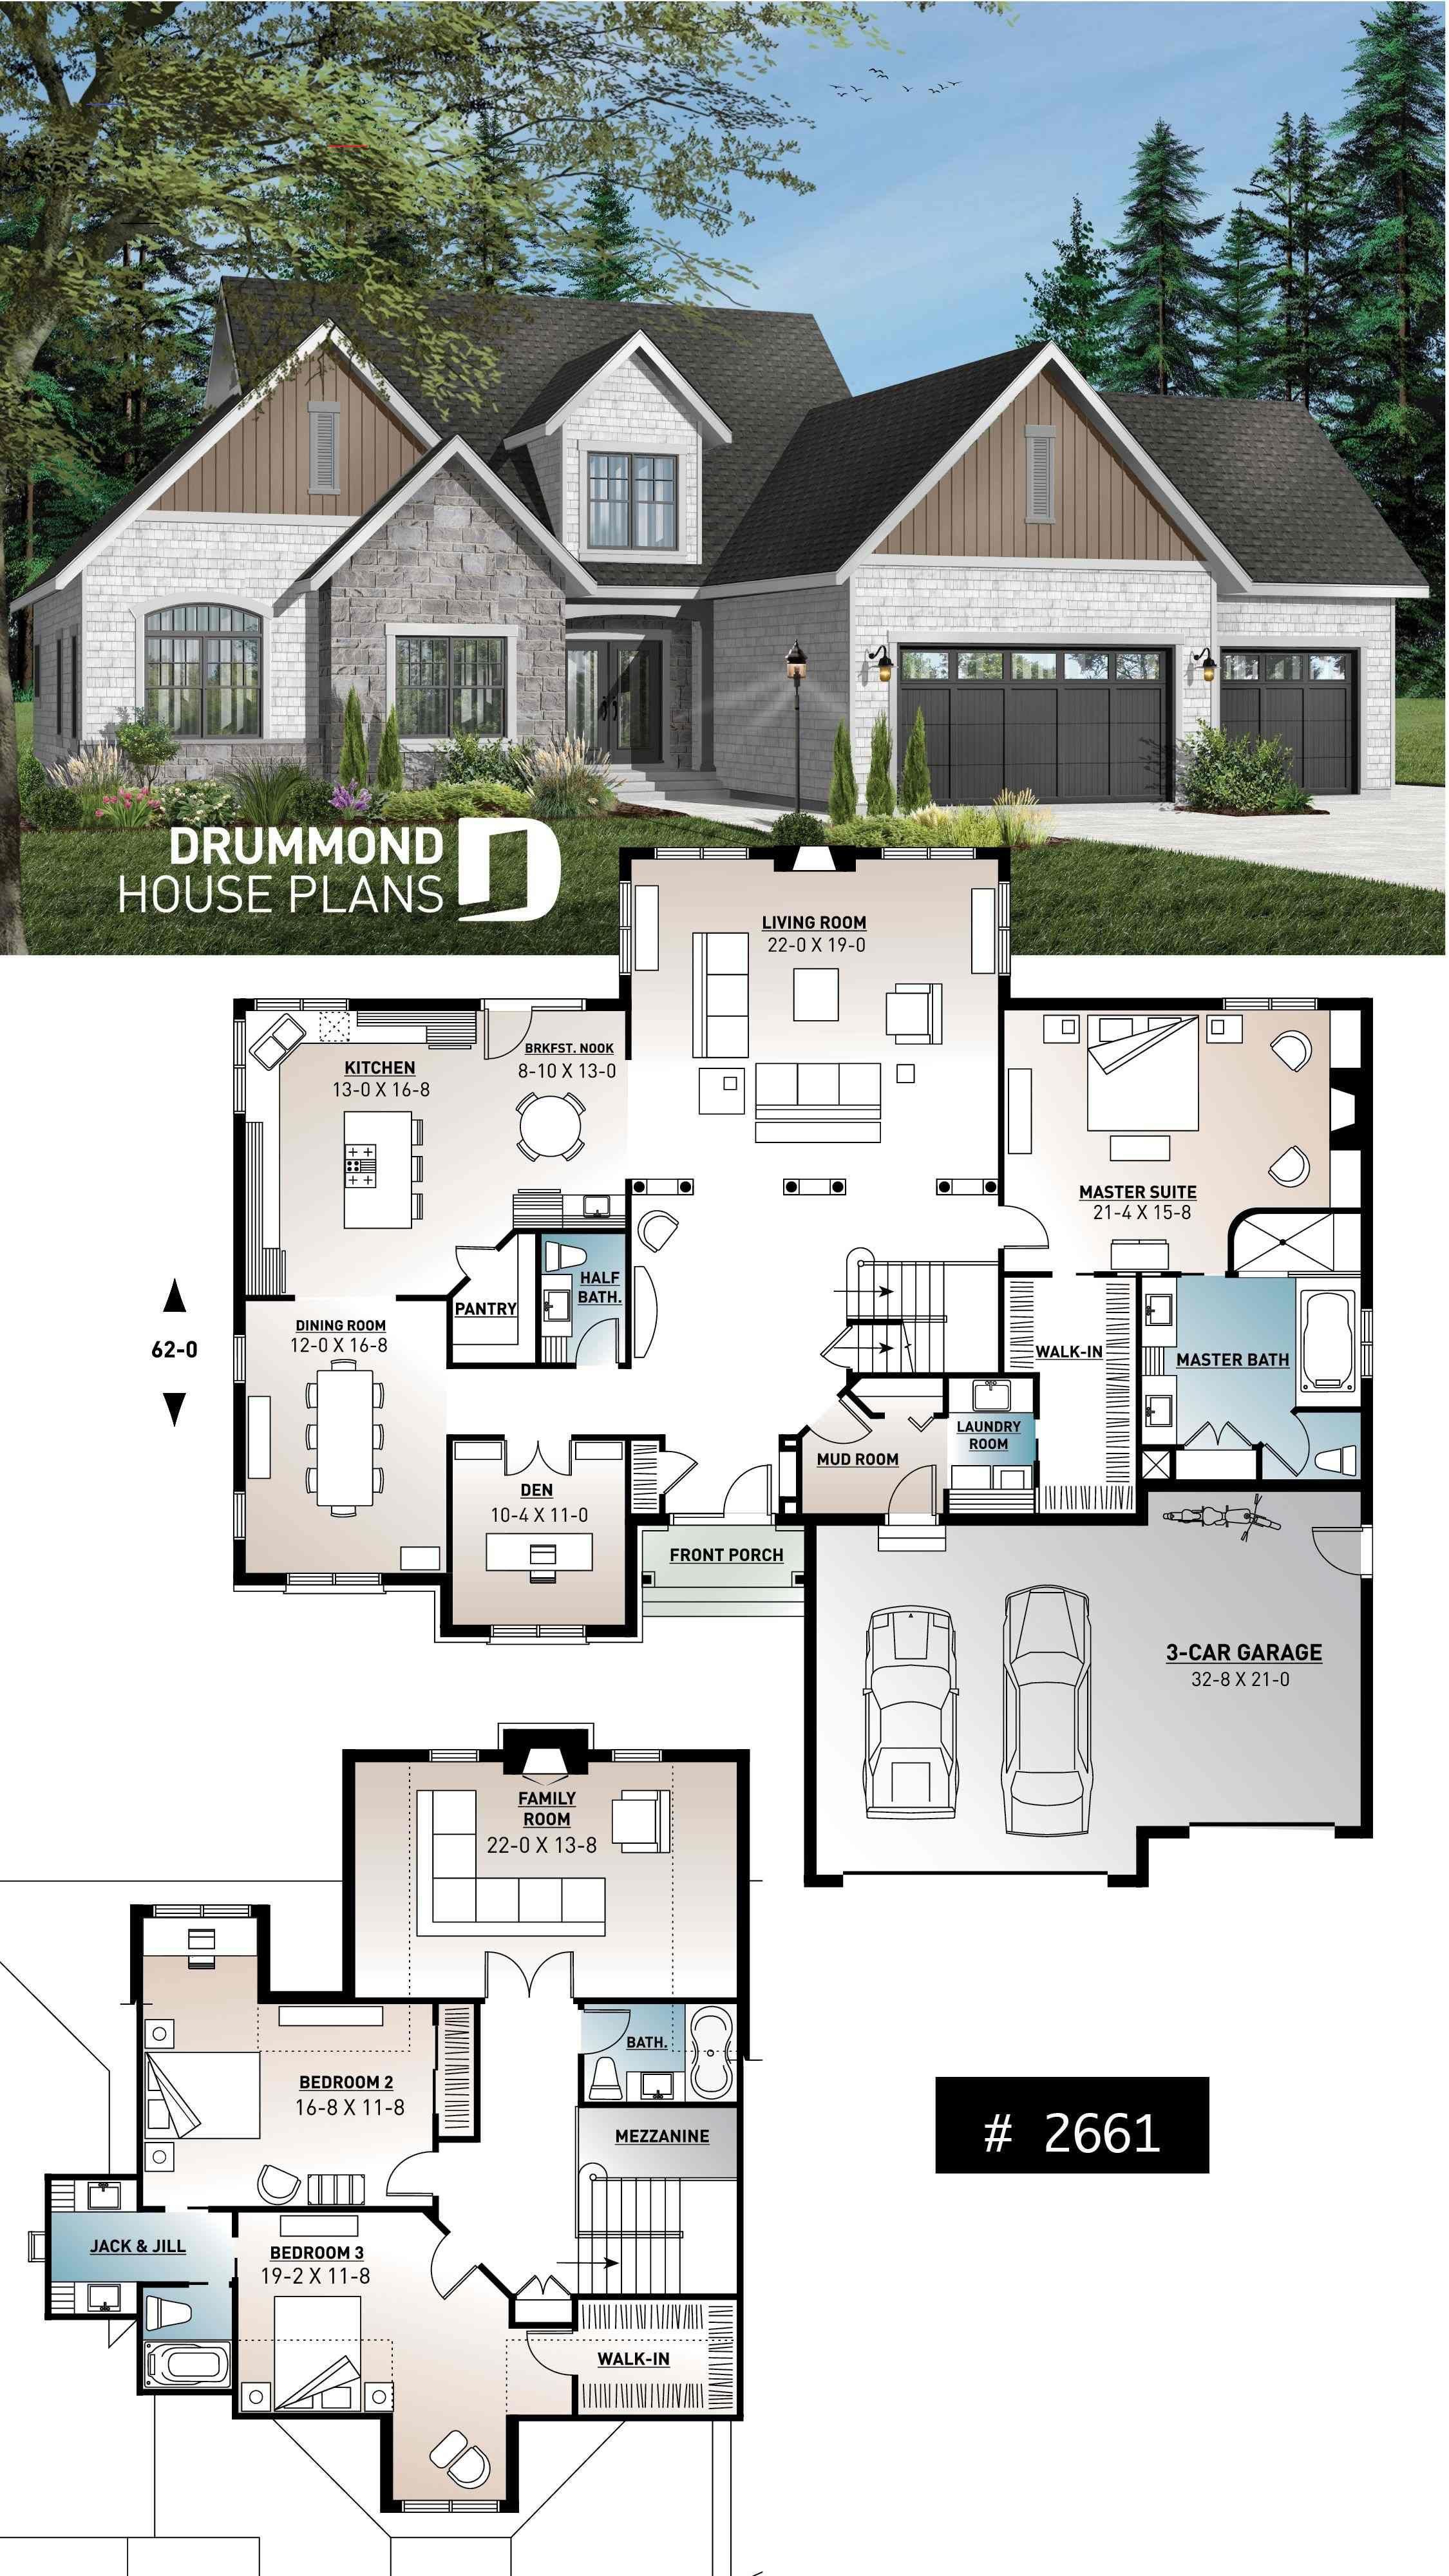 3 To 5 Bedroom American House Plan Master Bedroom On Main Floor Large Kitchen Traditionalkitchen Plantas De Casas Casas Americanas Casas